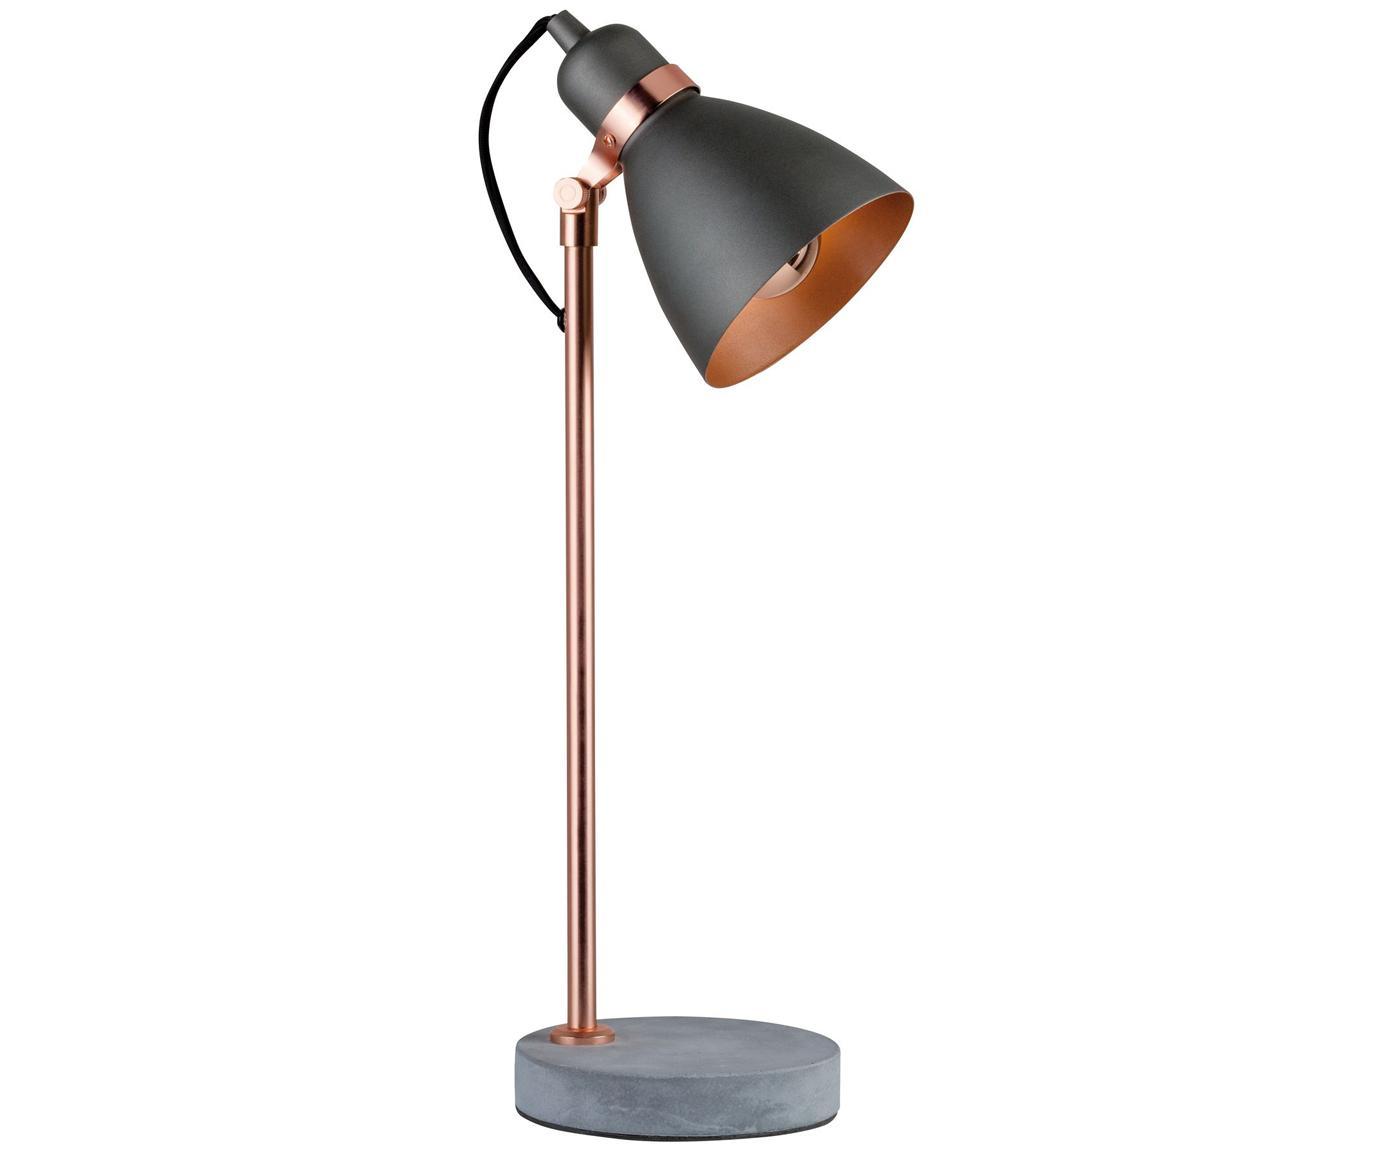 Schreibtischlampe Orm mit Betonfuß, Lampenschirm: Metall, beschichtet, Stange: Metall, beschichtet, Lampenfuß: Beton, Kupferfarben, Grau, Ø 15 x H 50 cm